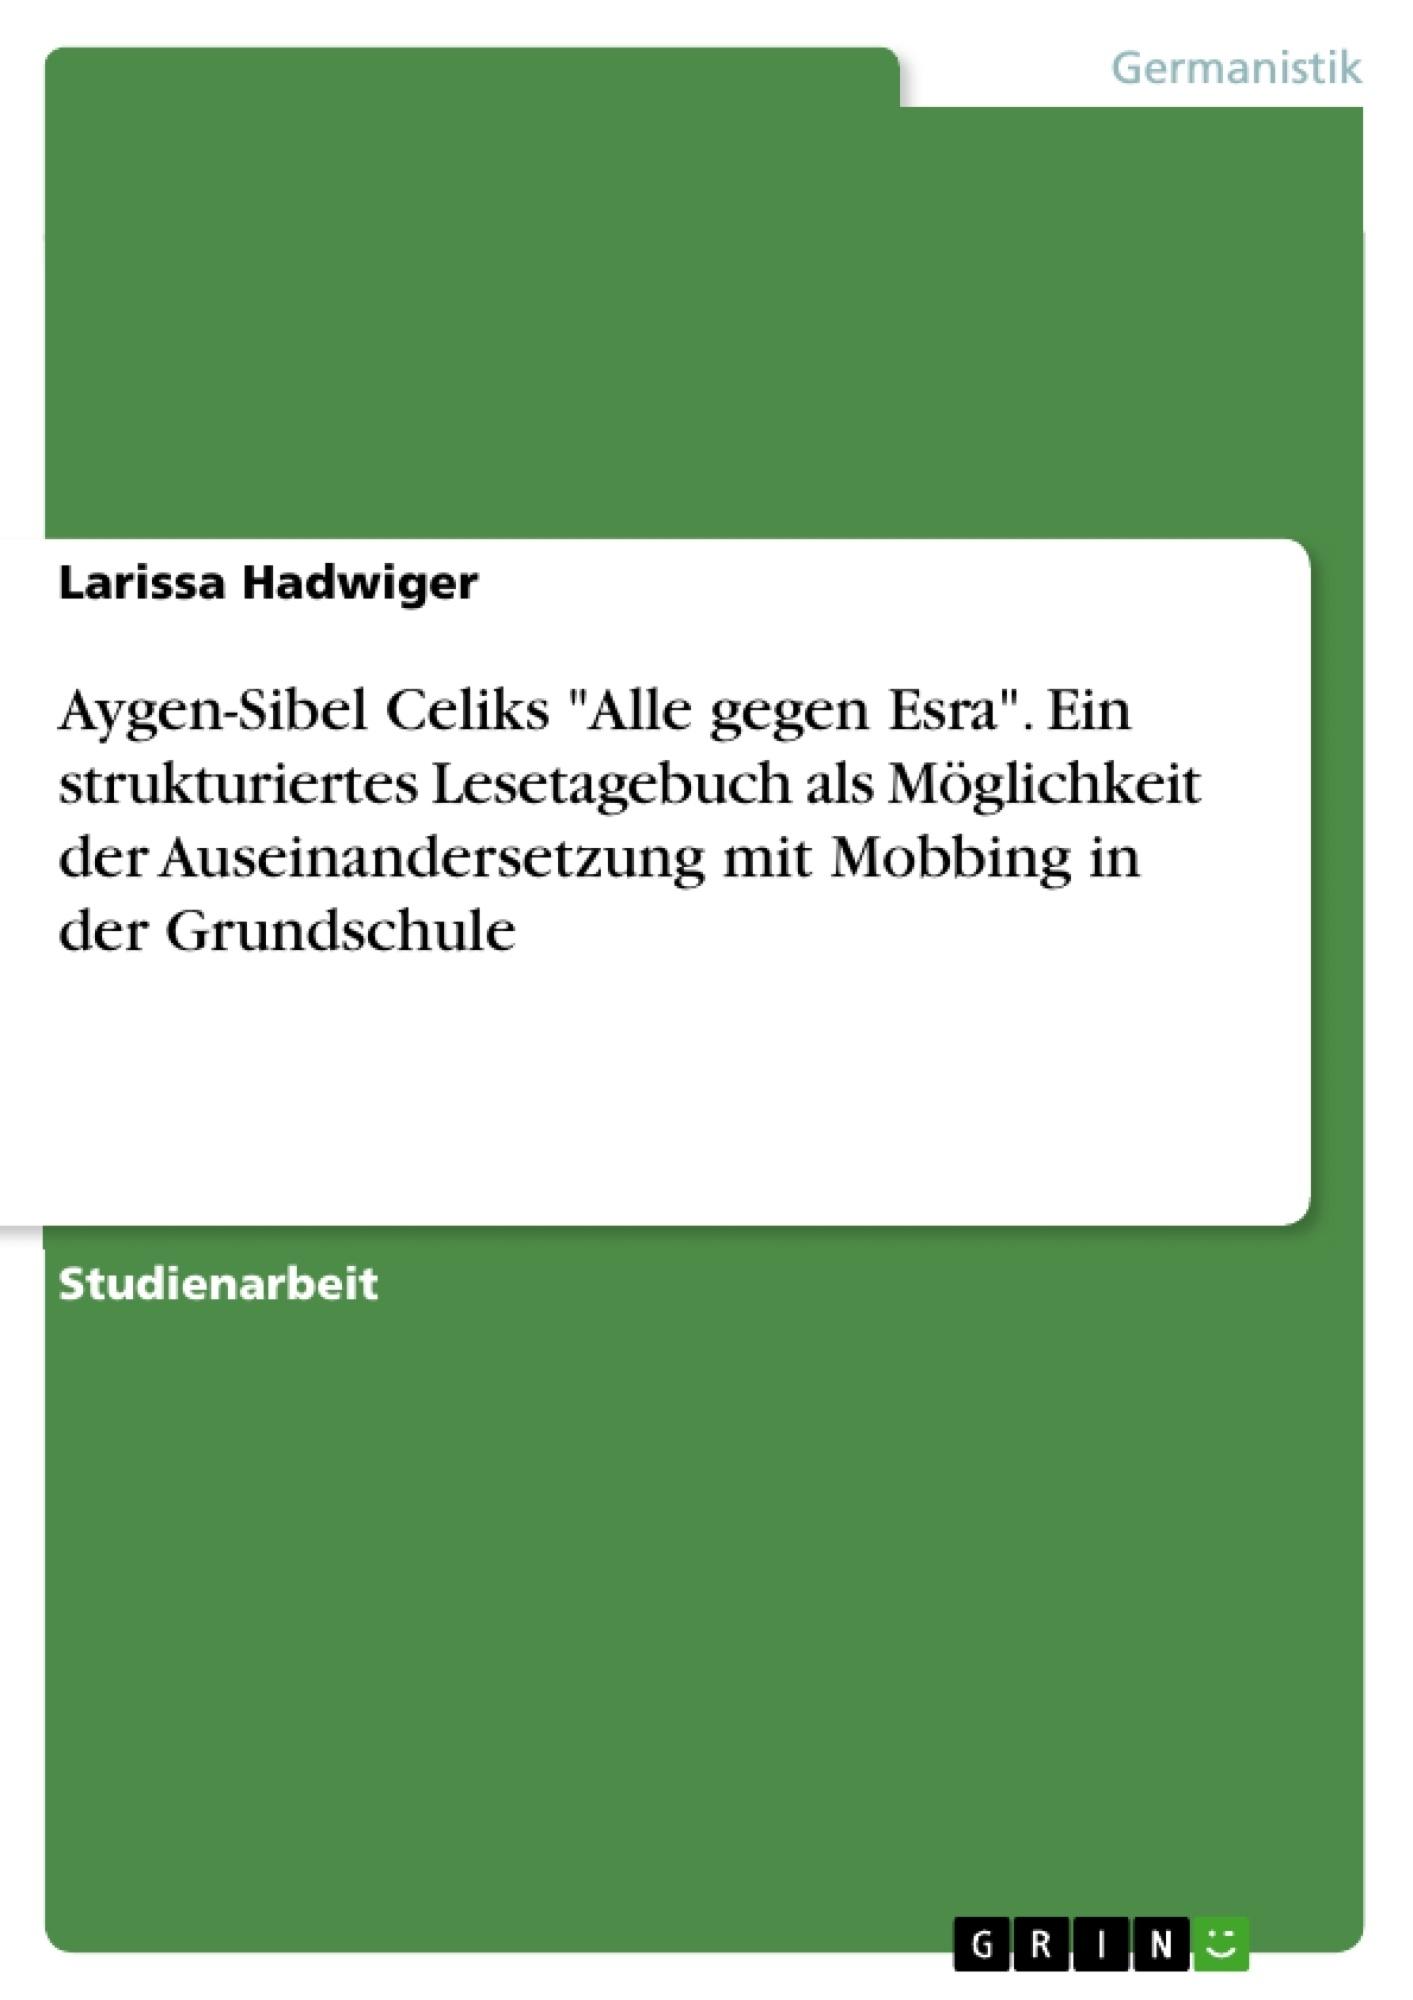 """Titel: Aygen-Sibel Celiks """"Alle gegen Esra"""". Ein strukturiertes Lesetagebuch als Möglichkeit der Auseinandersetzung mit Mobbing in der Grundschule"""